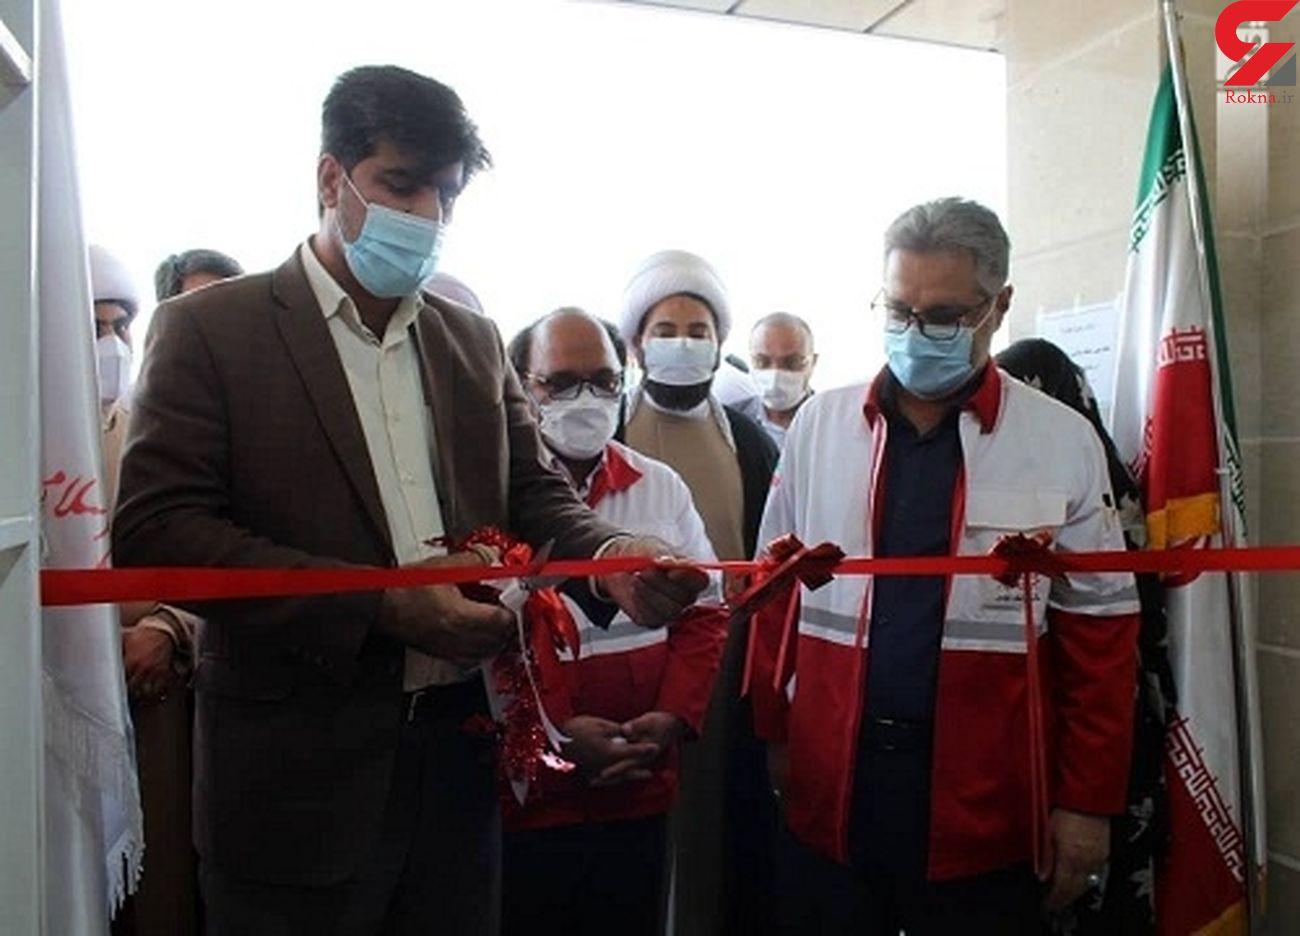 پایگاه امدادو نجات شهر رویدر افتتاح شد